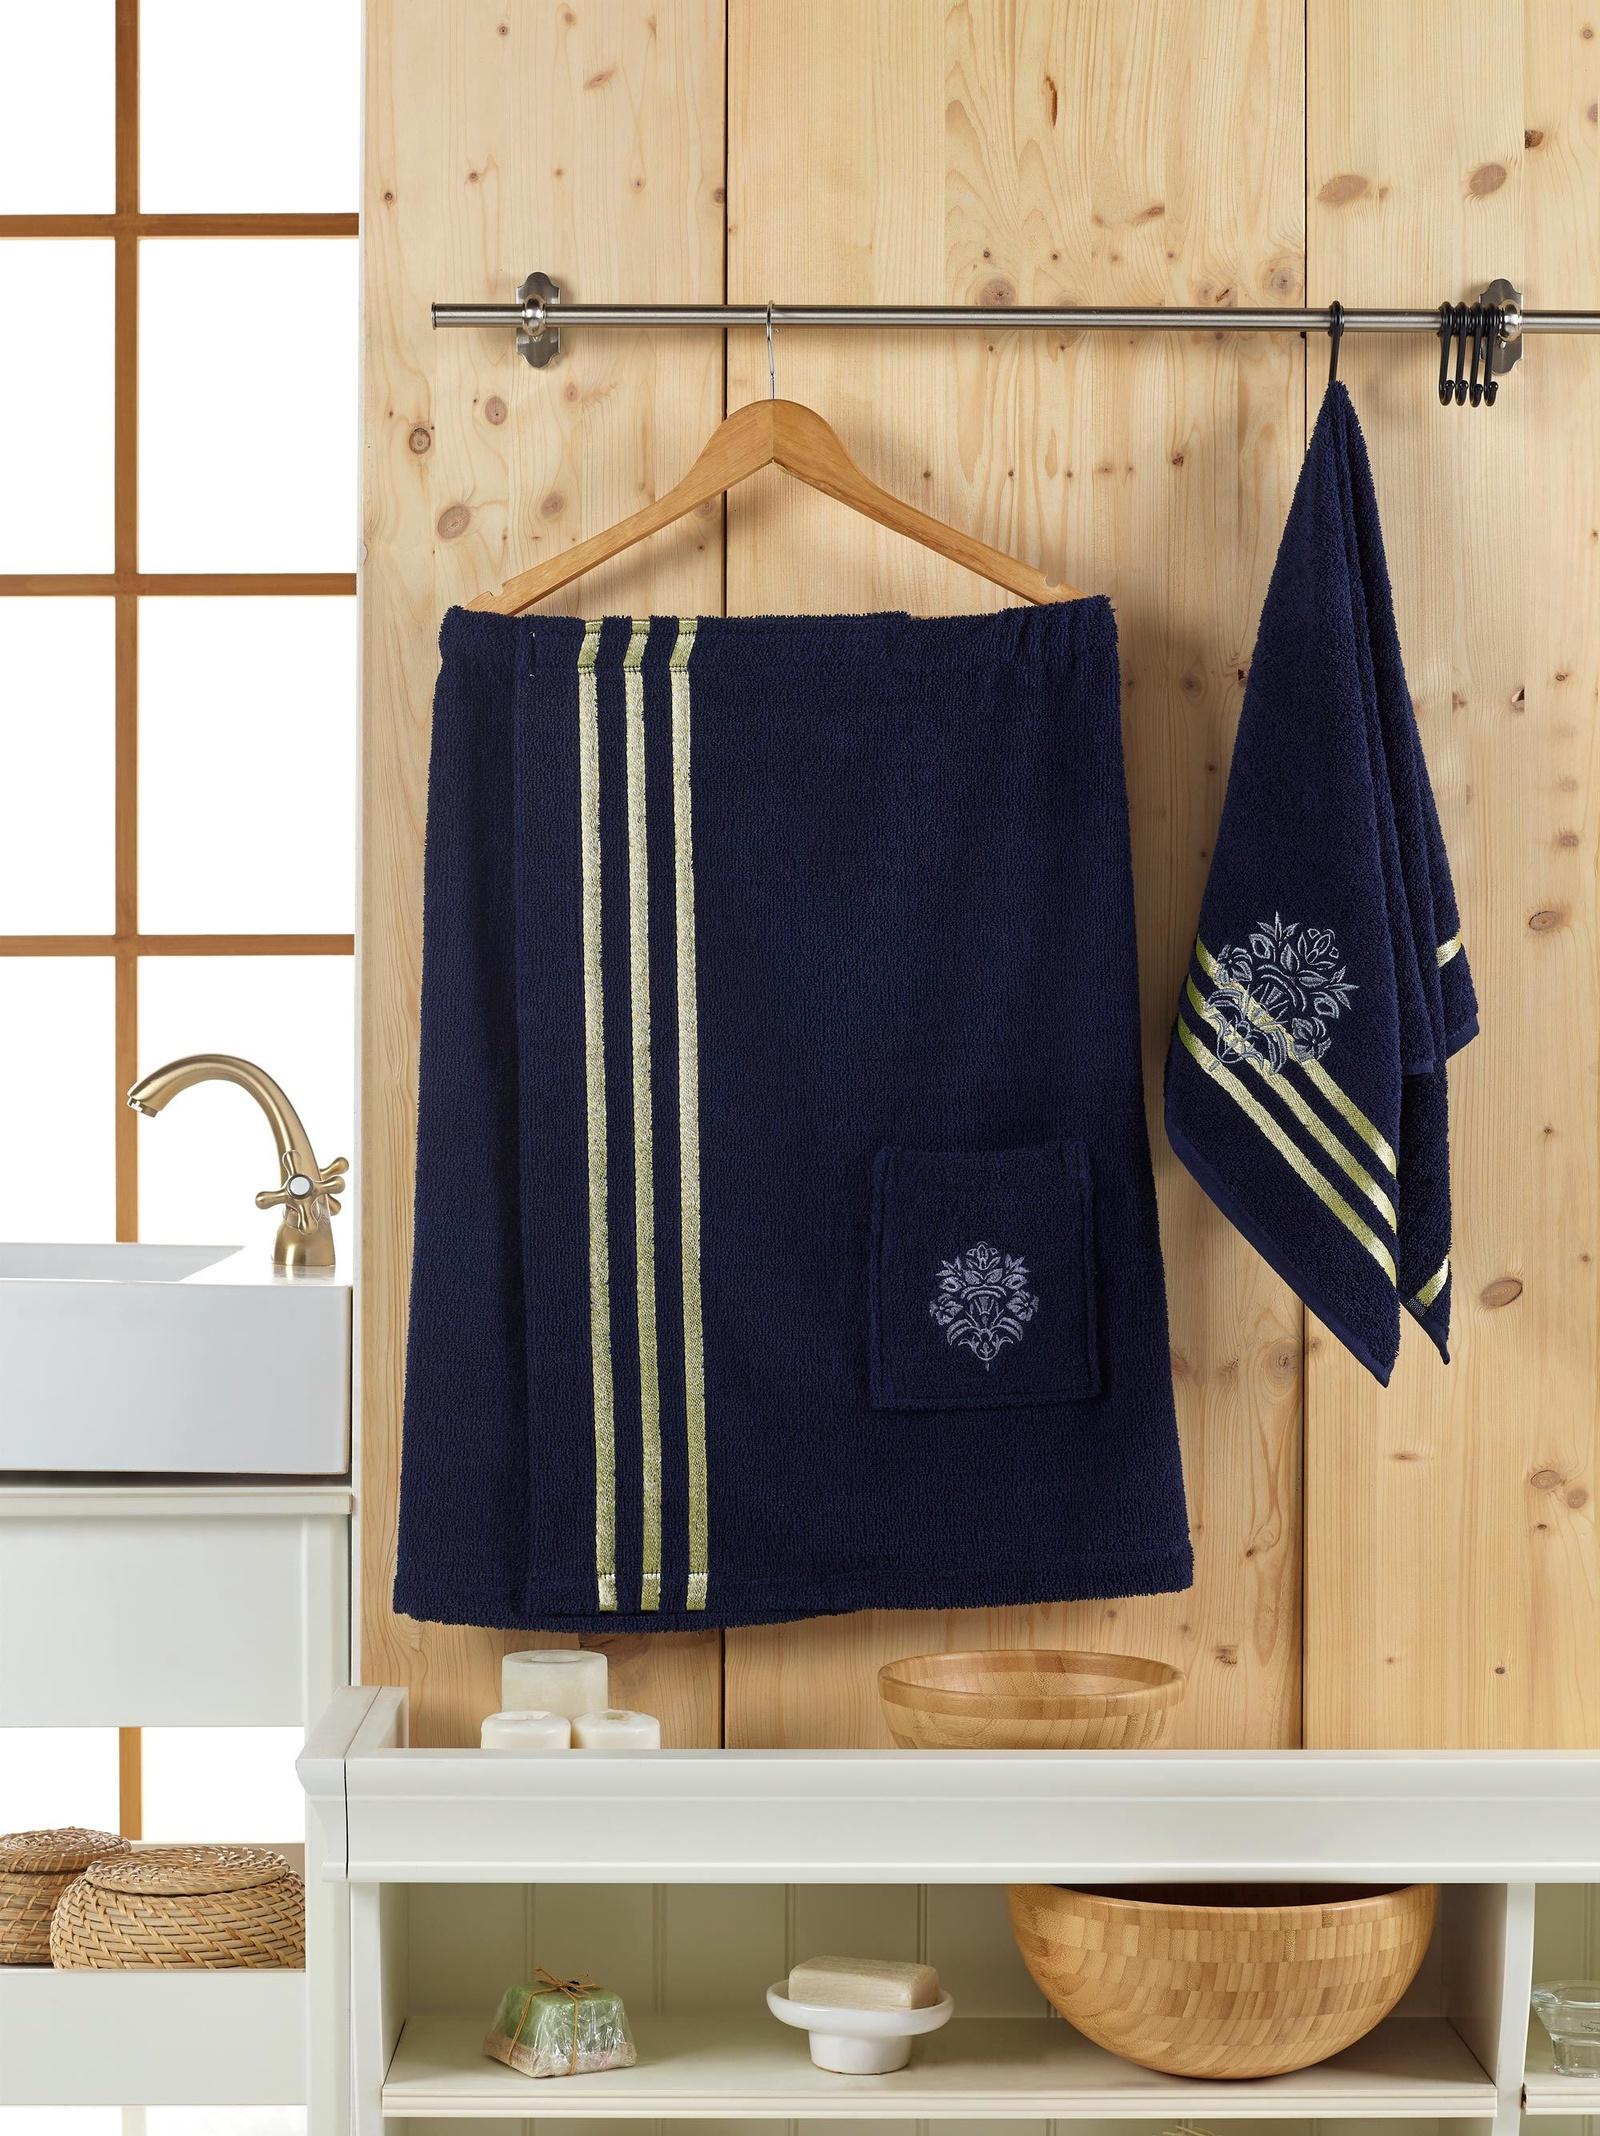 Банный комплект JUANNA Сауна женская SEVAKIN_синий, синий банный комплект juanna сауна женская sevakin коричневый коричневый